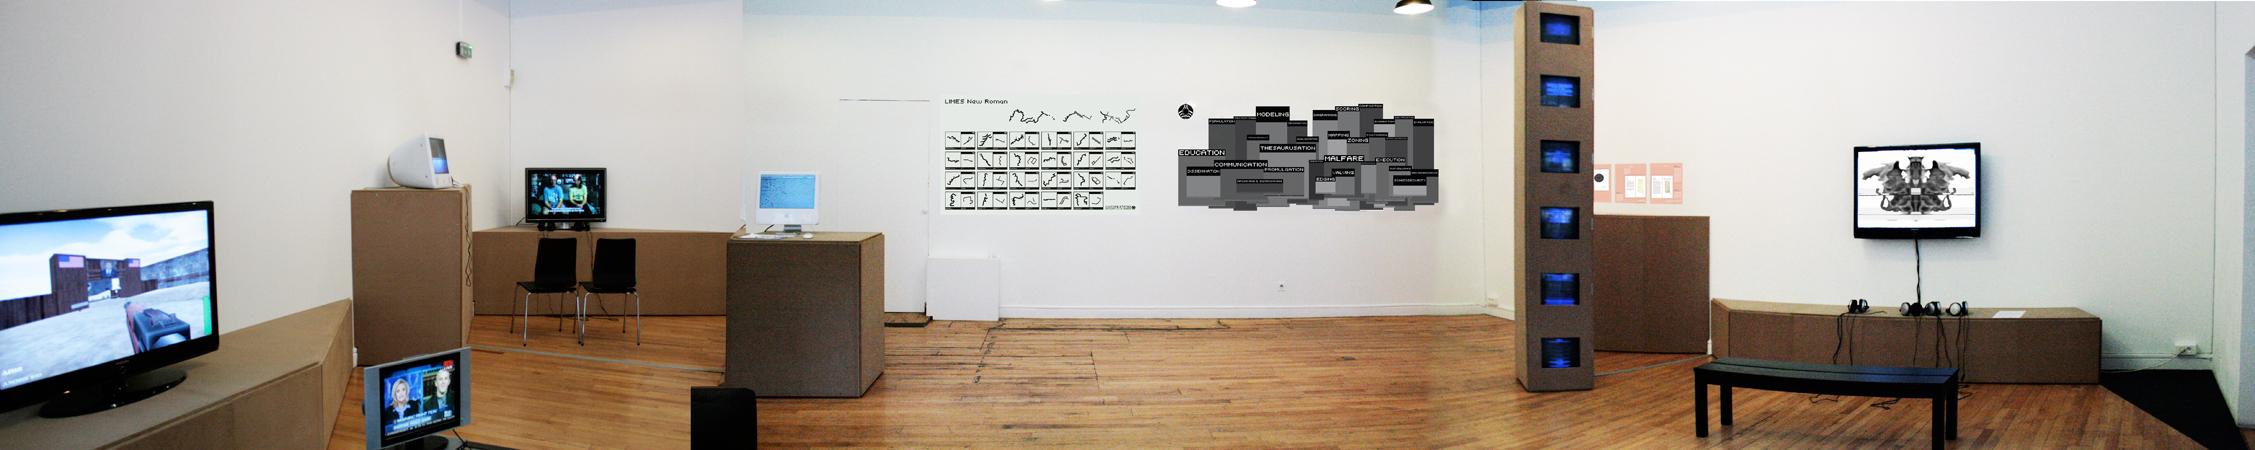 Vue panoramique de l'exposition.